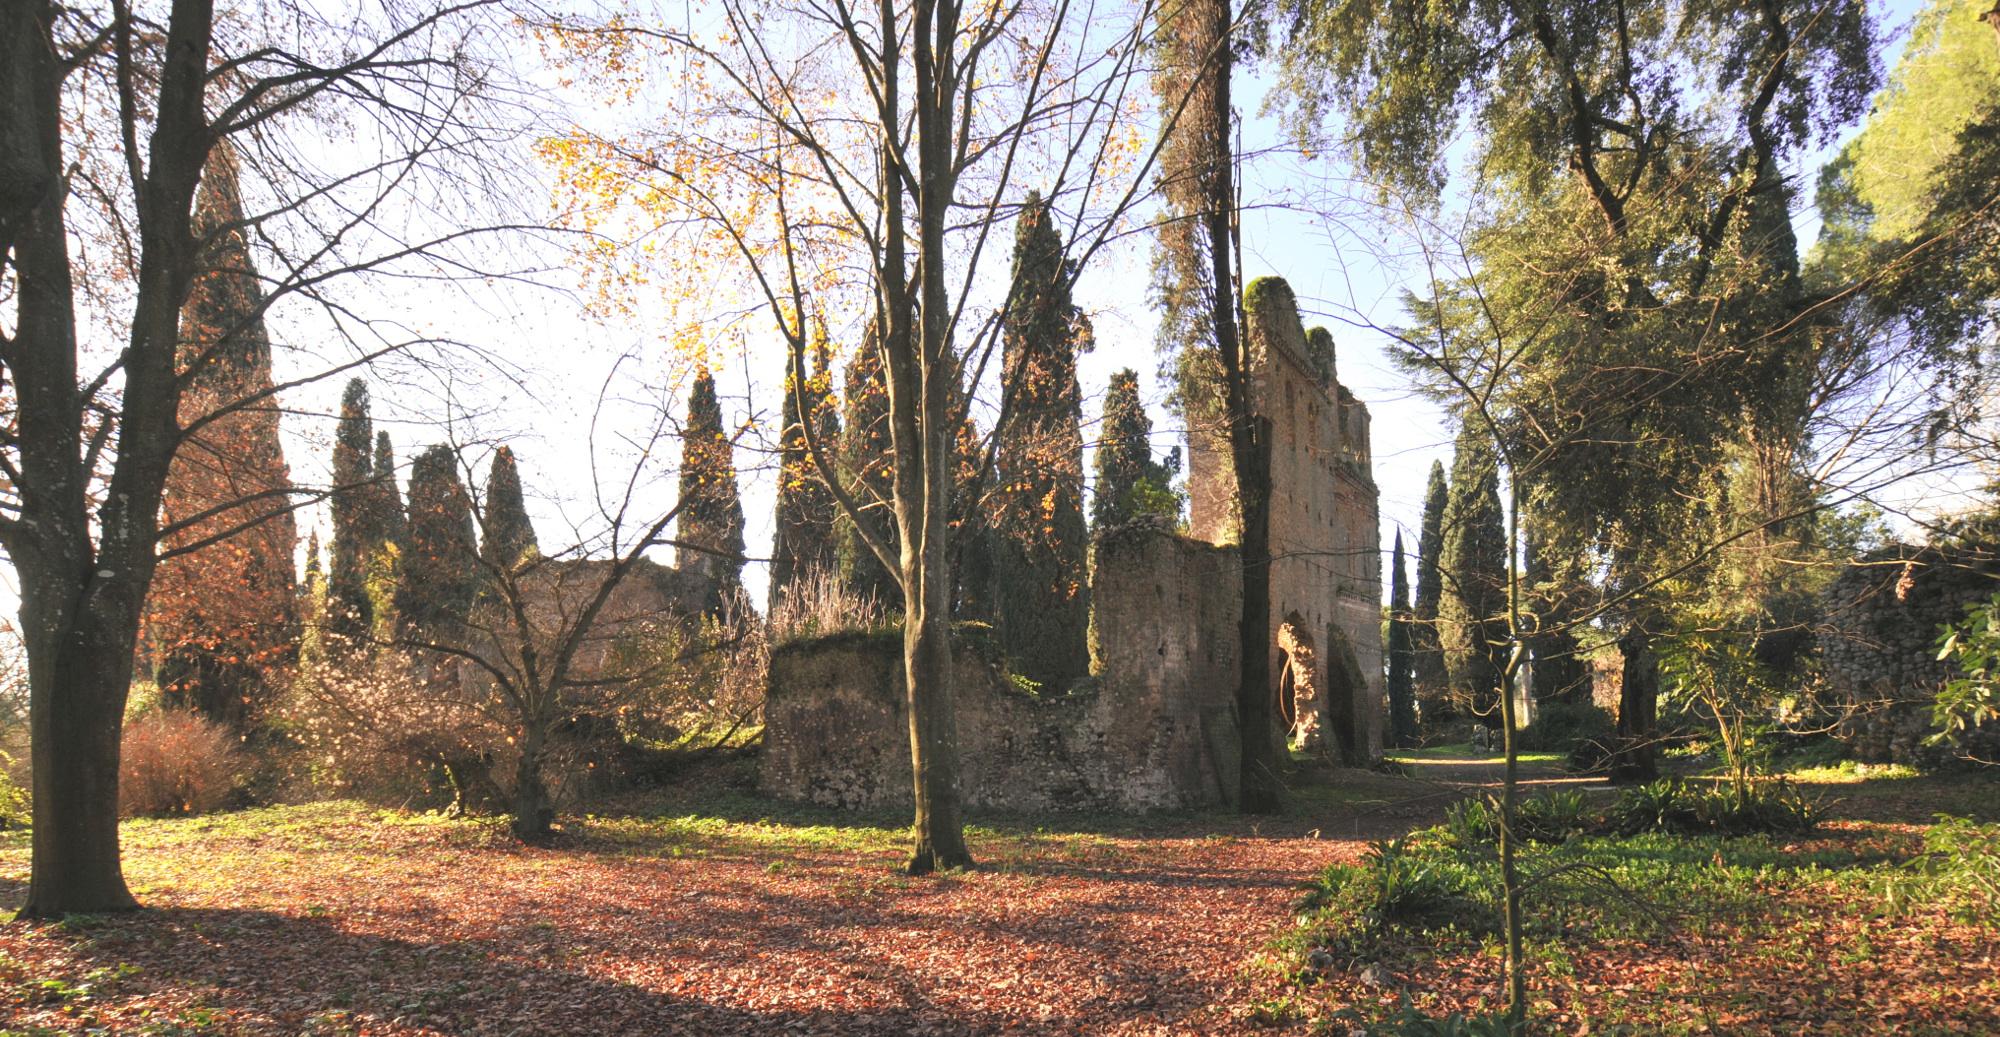 Apertura Straordinaria Dei Giardini Di Ninfa Per Sostenere